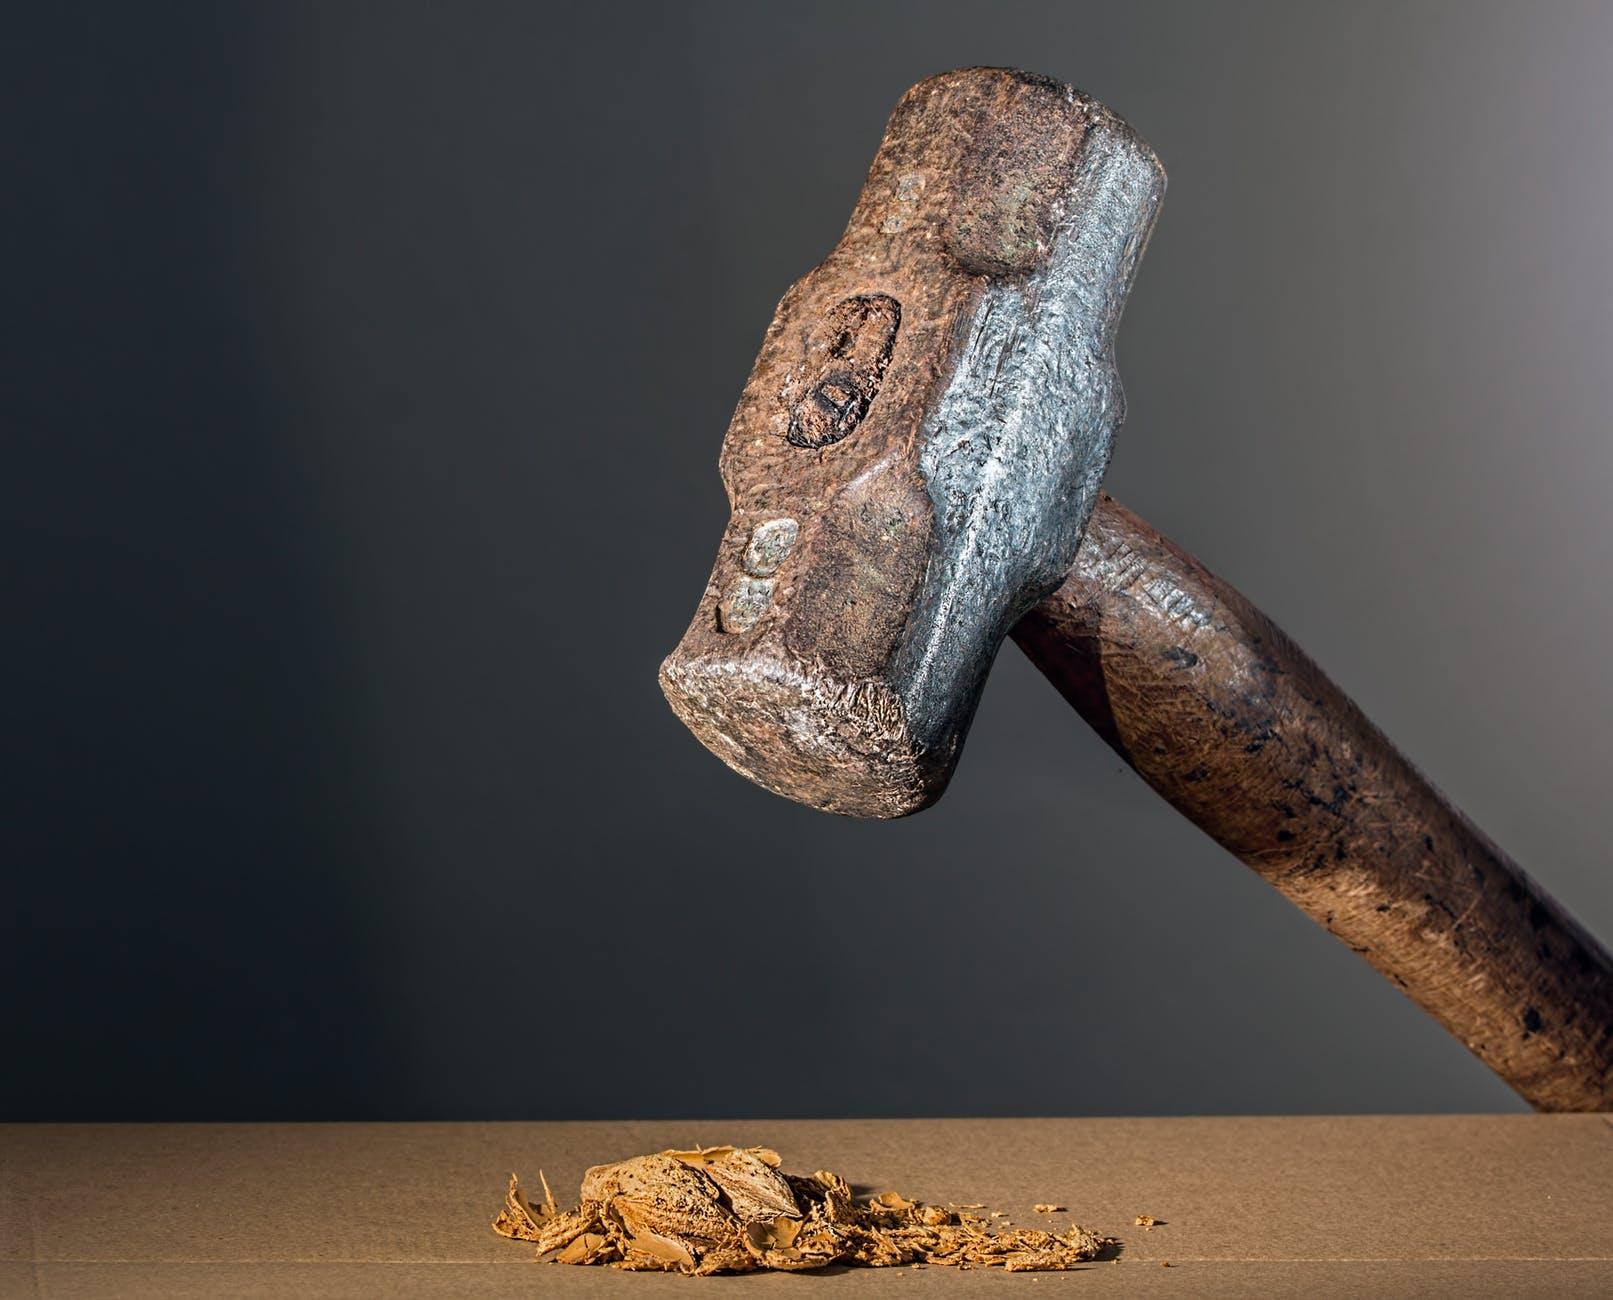 hammer-sledgehammer-mallet-tool.jpg